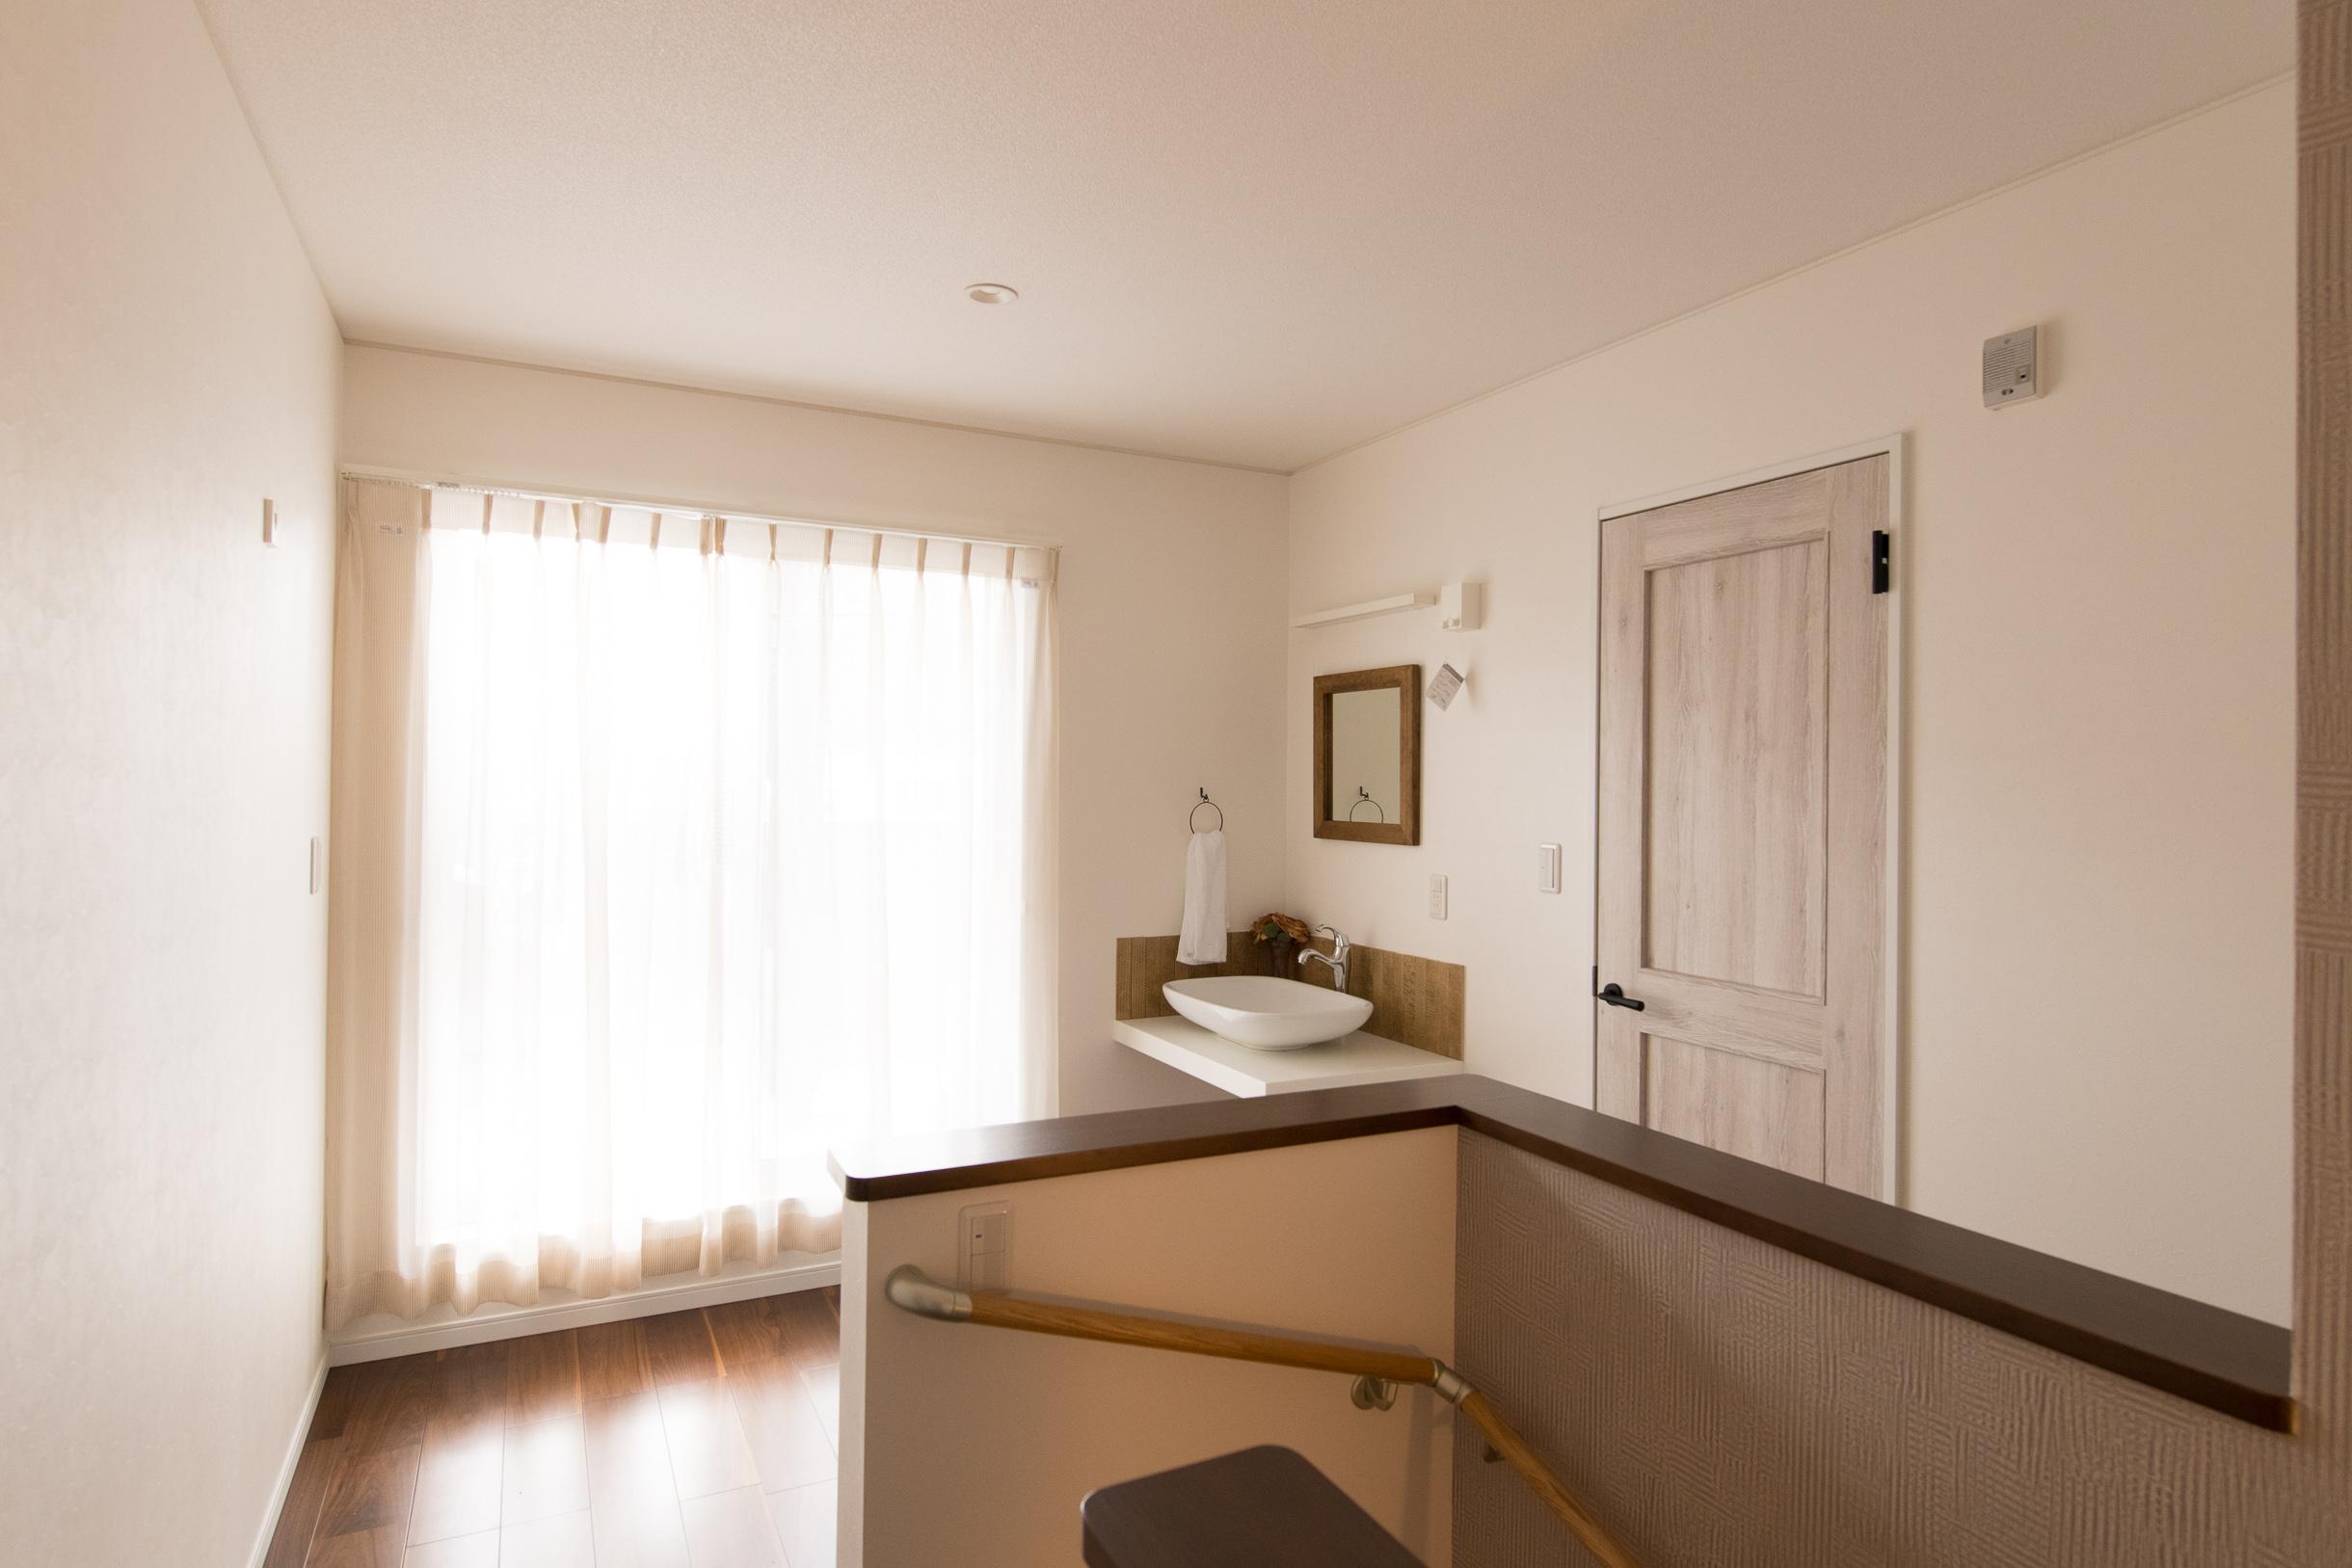 福山市の注文住宅|今井住建の施工事例ギャラリー「階段スペースはしっかり最採光を」